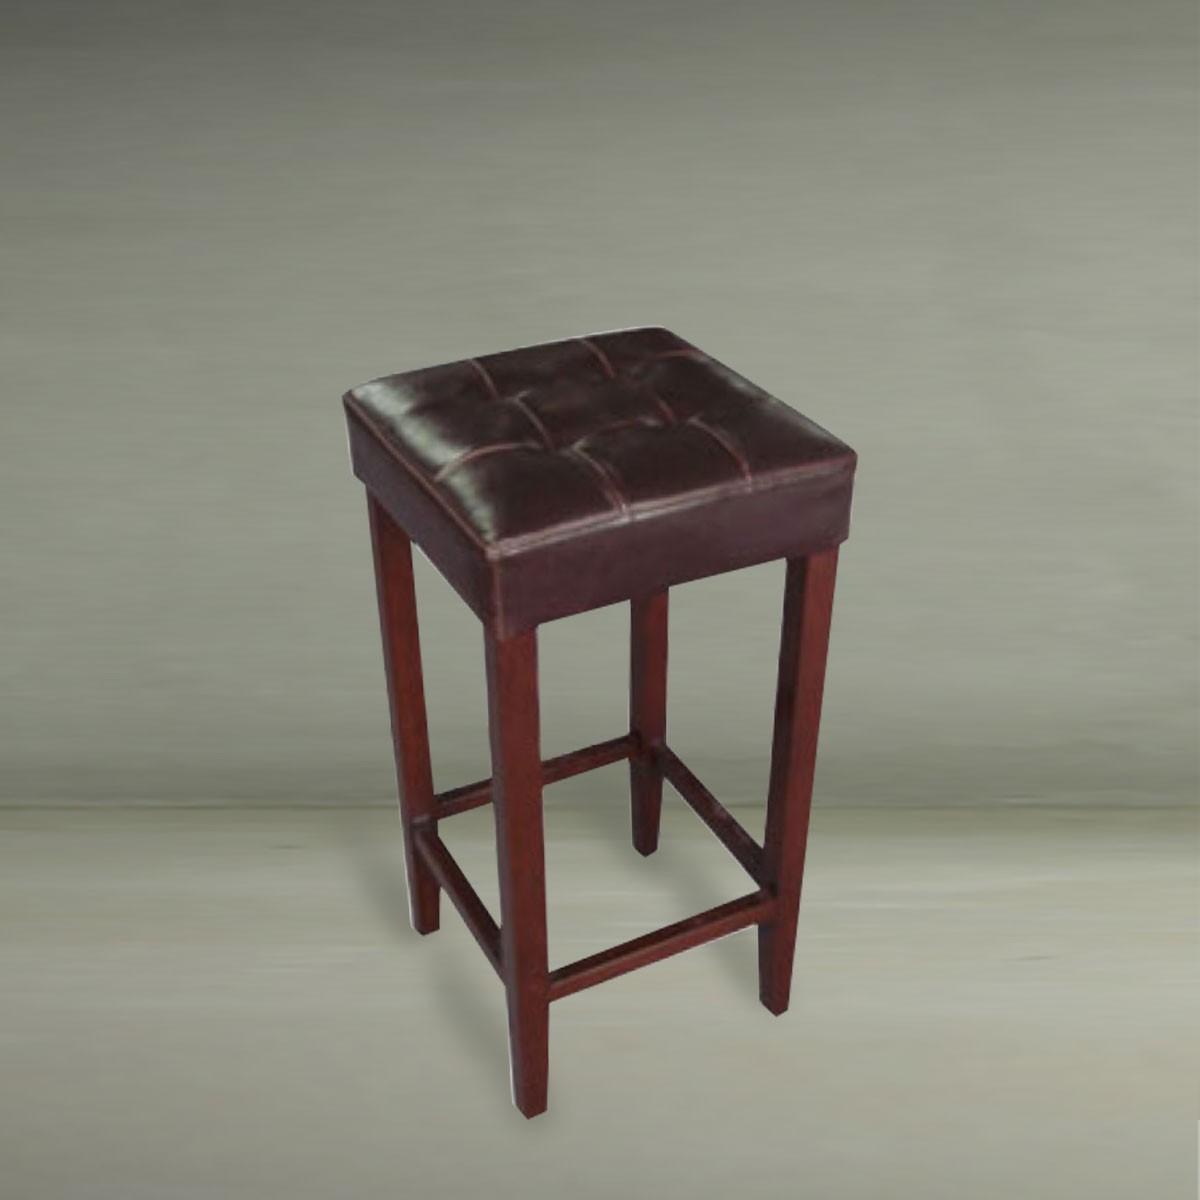 Upholstered Wooden Bar Stool (PJO022)